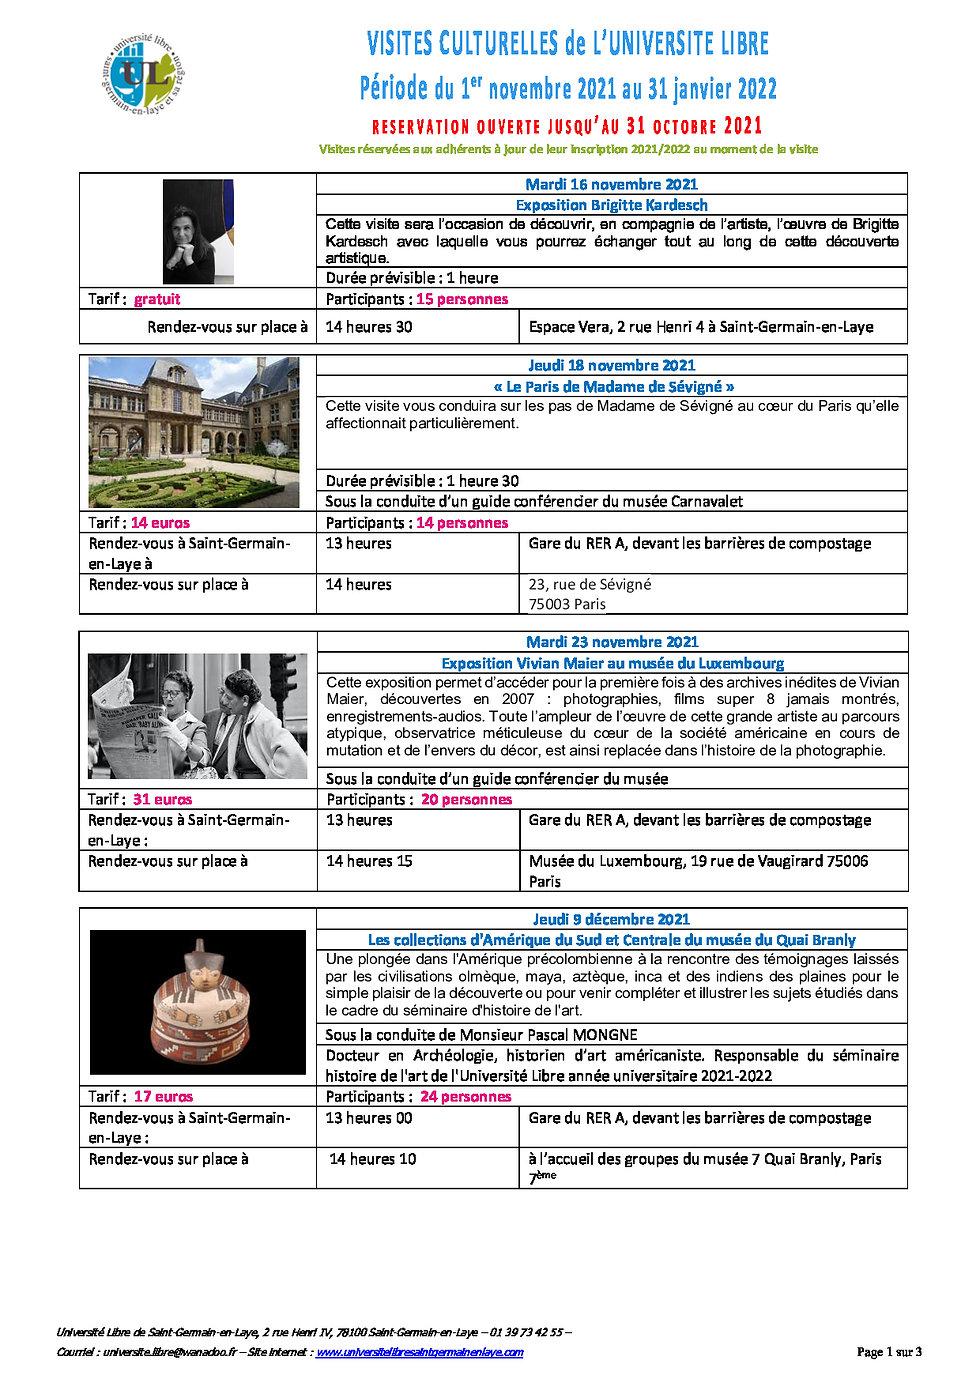 01 fiche présentation visites culturelles nov 21 à janv 22 (1)_01.jpg